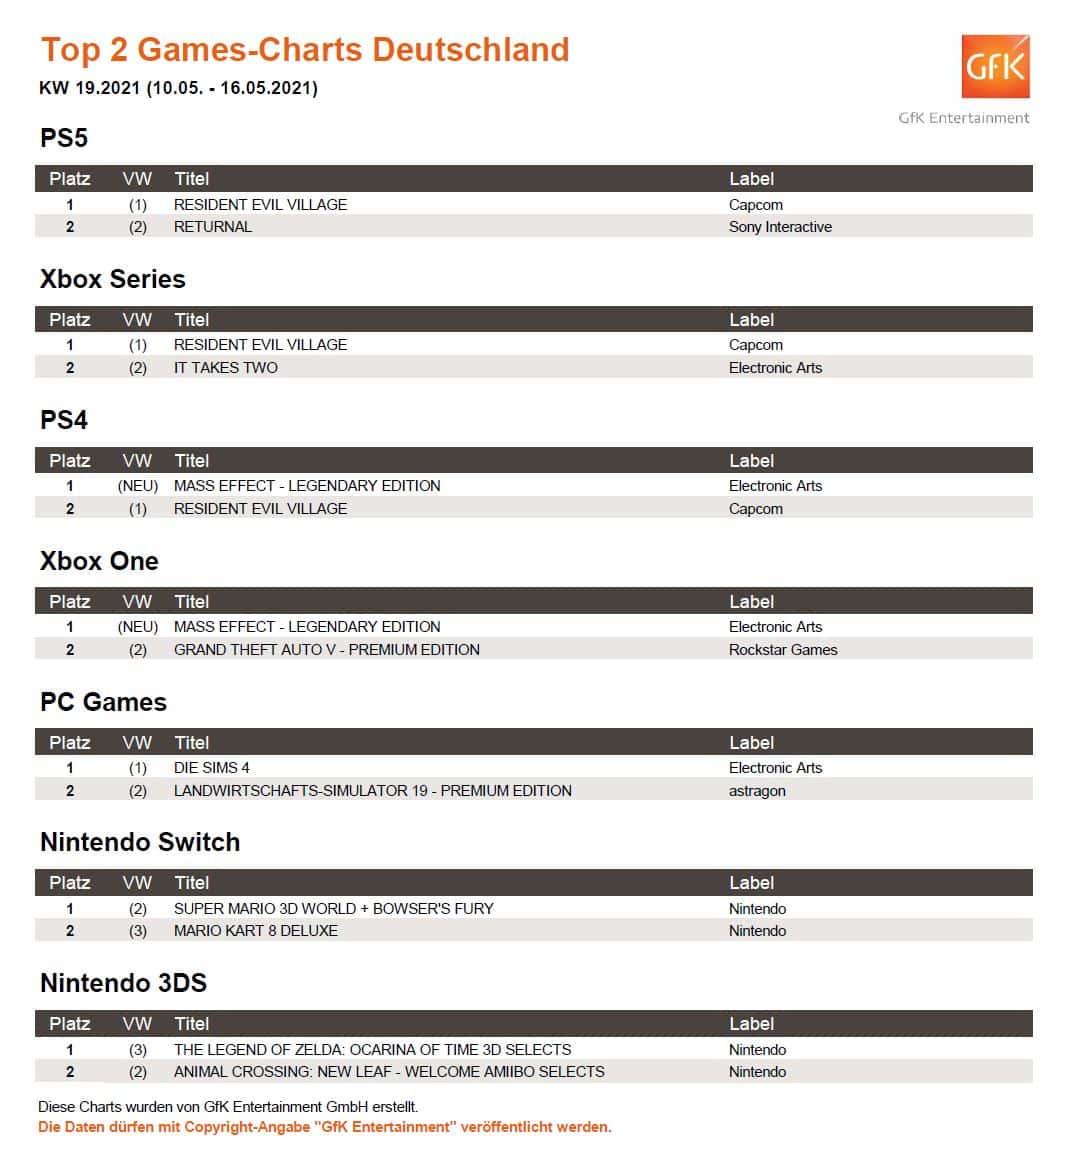 top 2 game charts deutschland 10. 16.5.2021